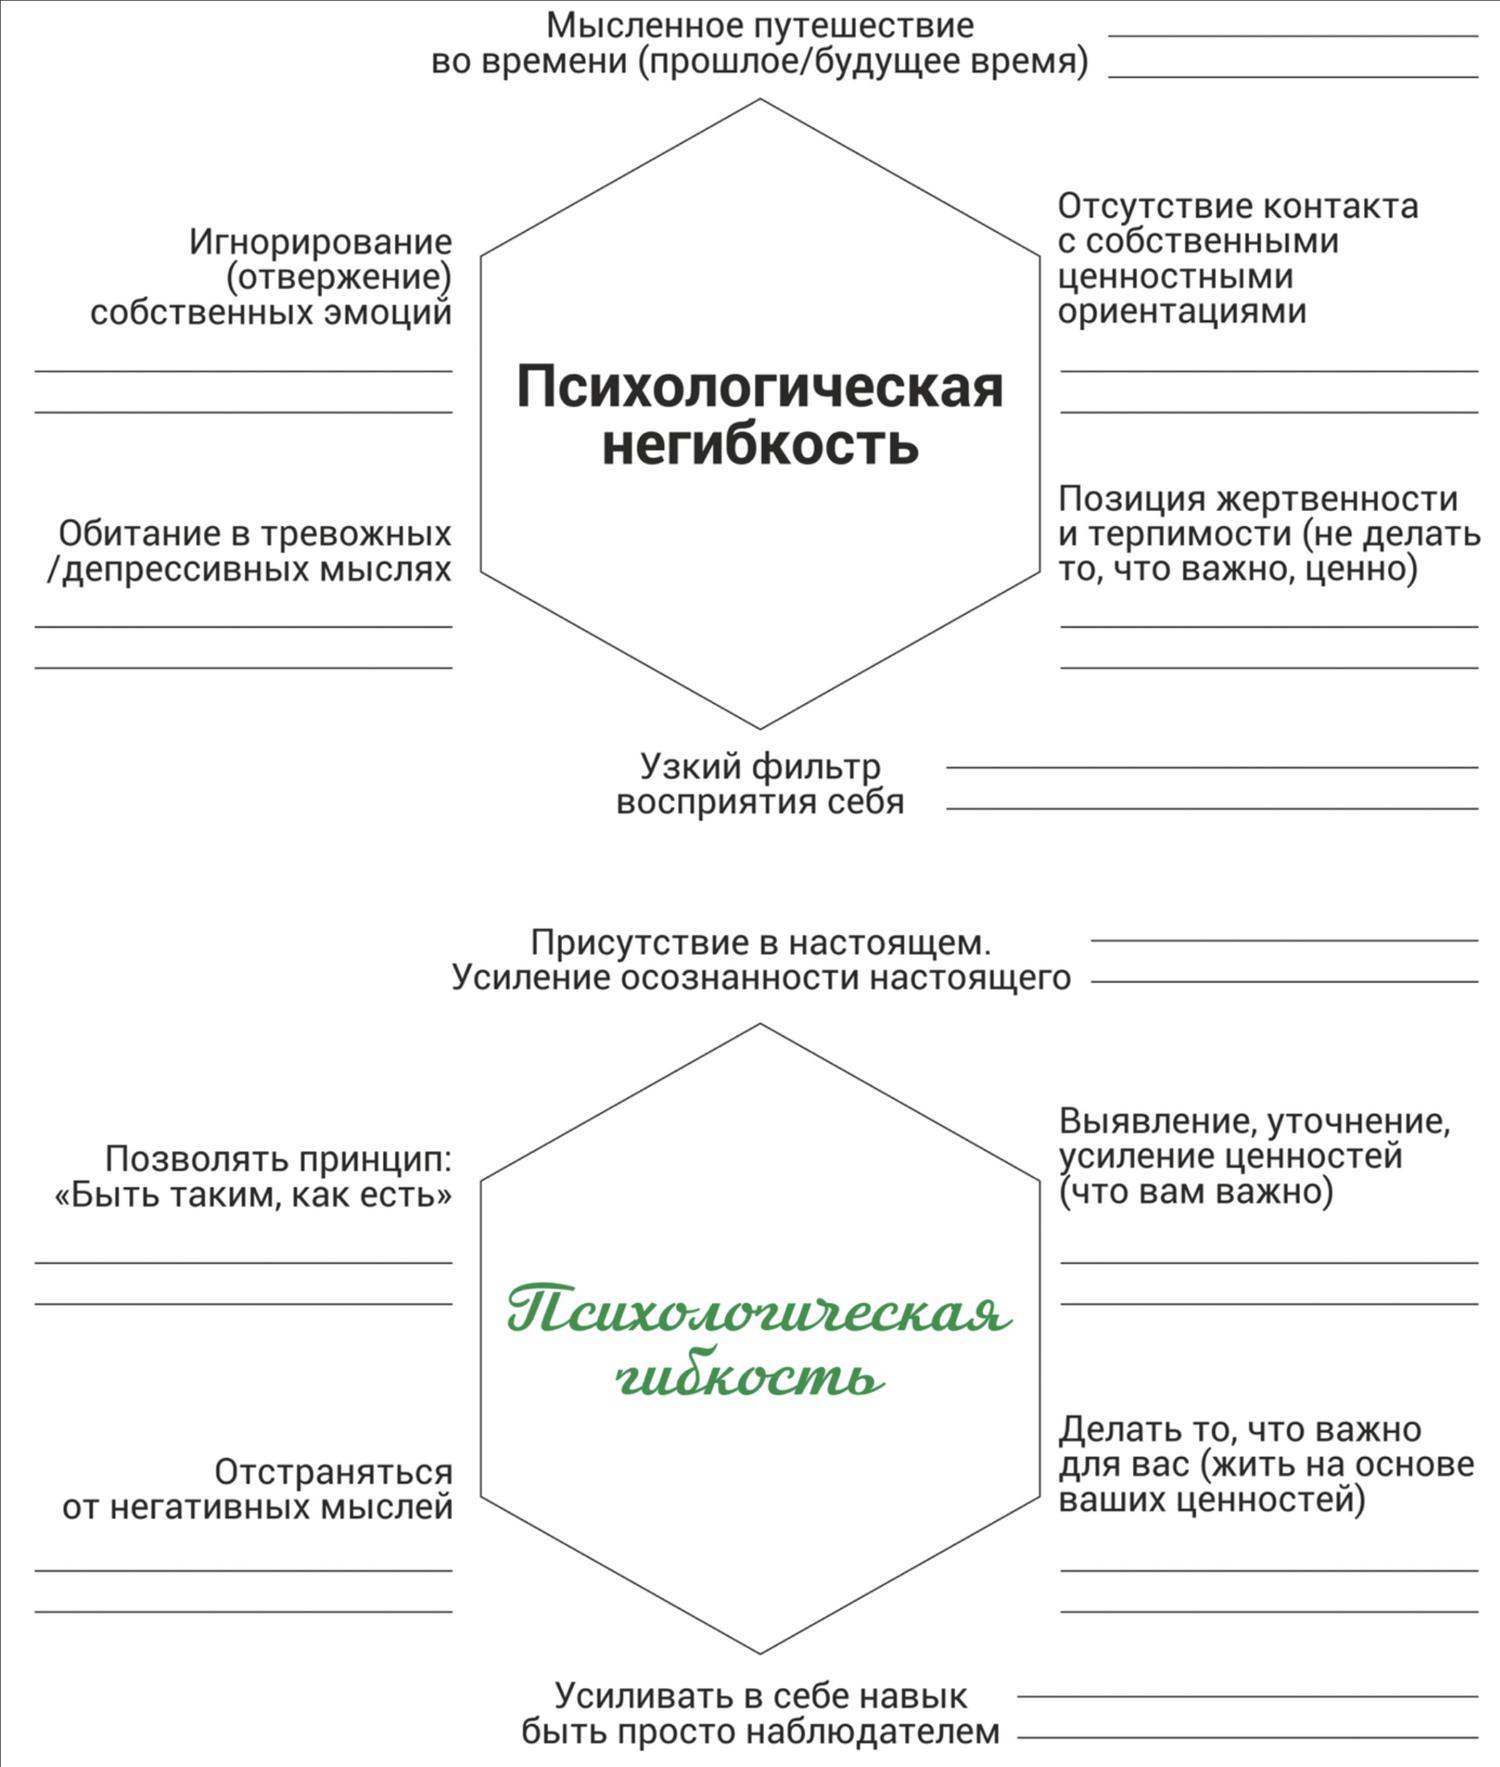 Протокол формирования психологической гибкости